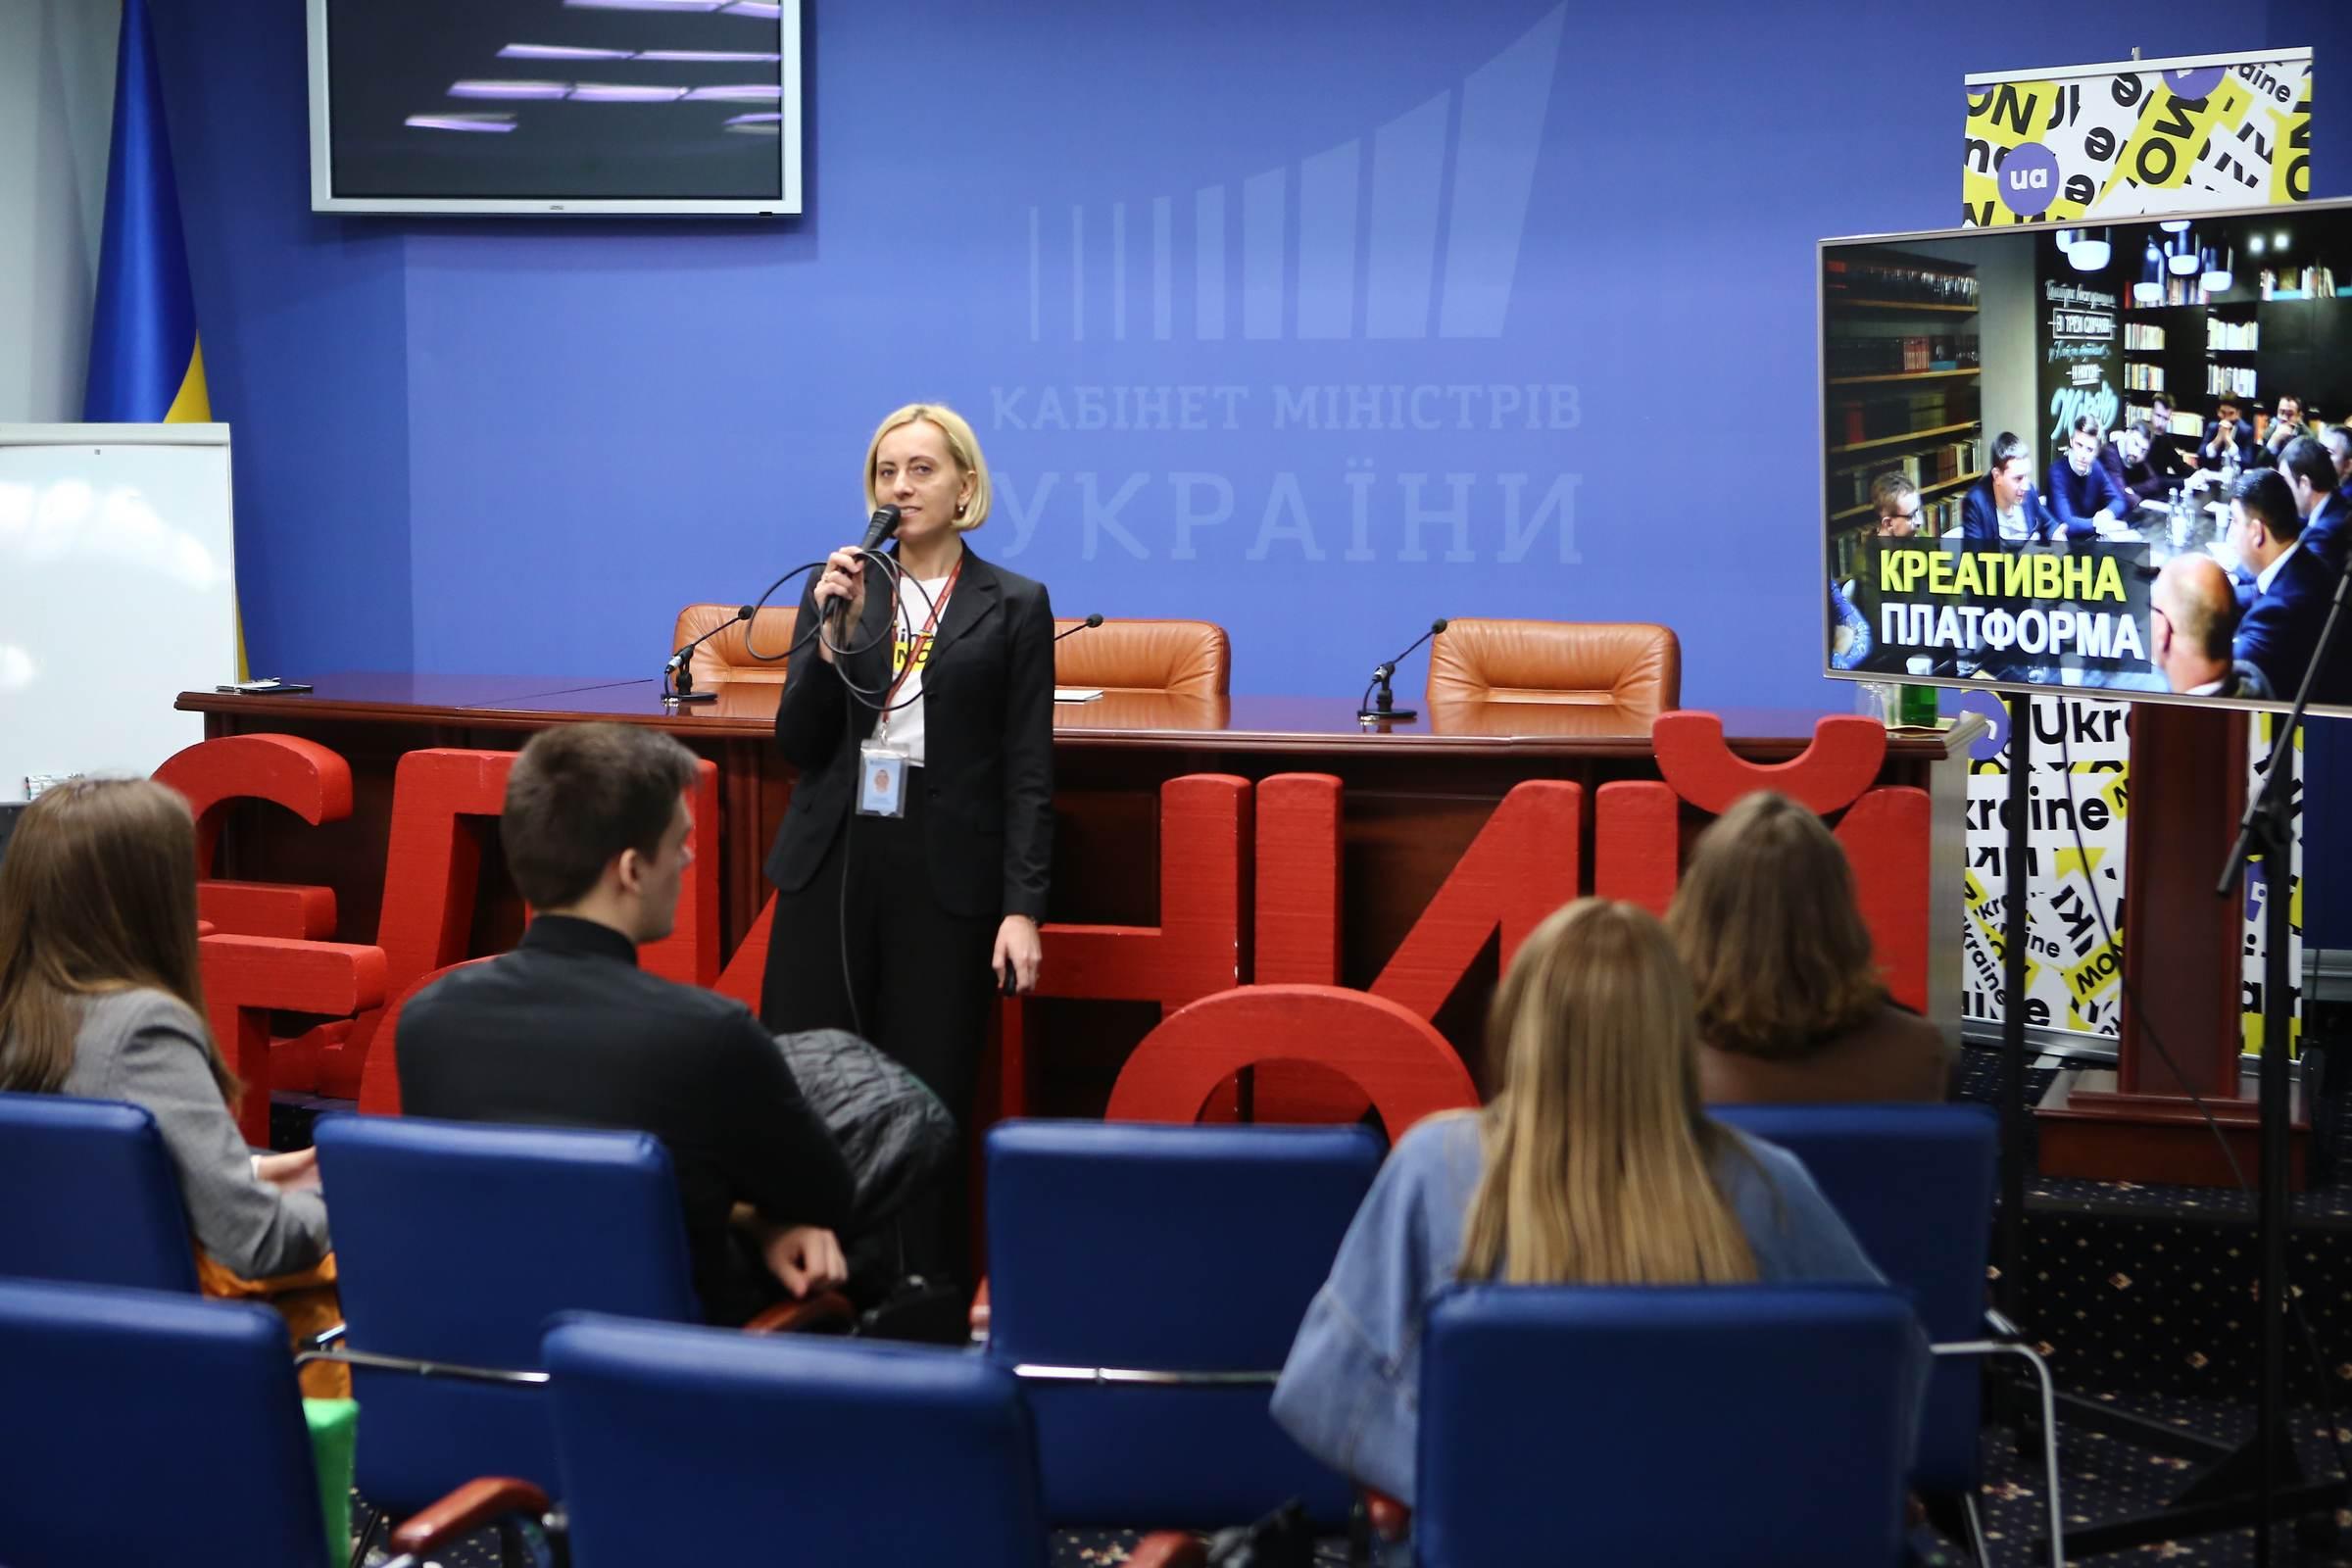 Відкритість та креативність – принципи роботи урядових комунікацій